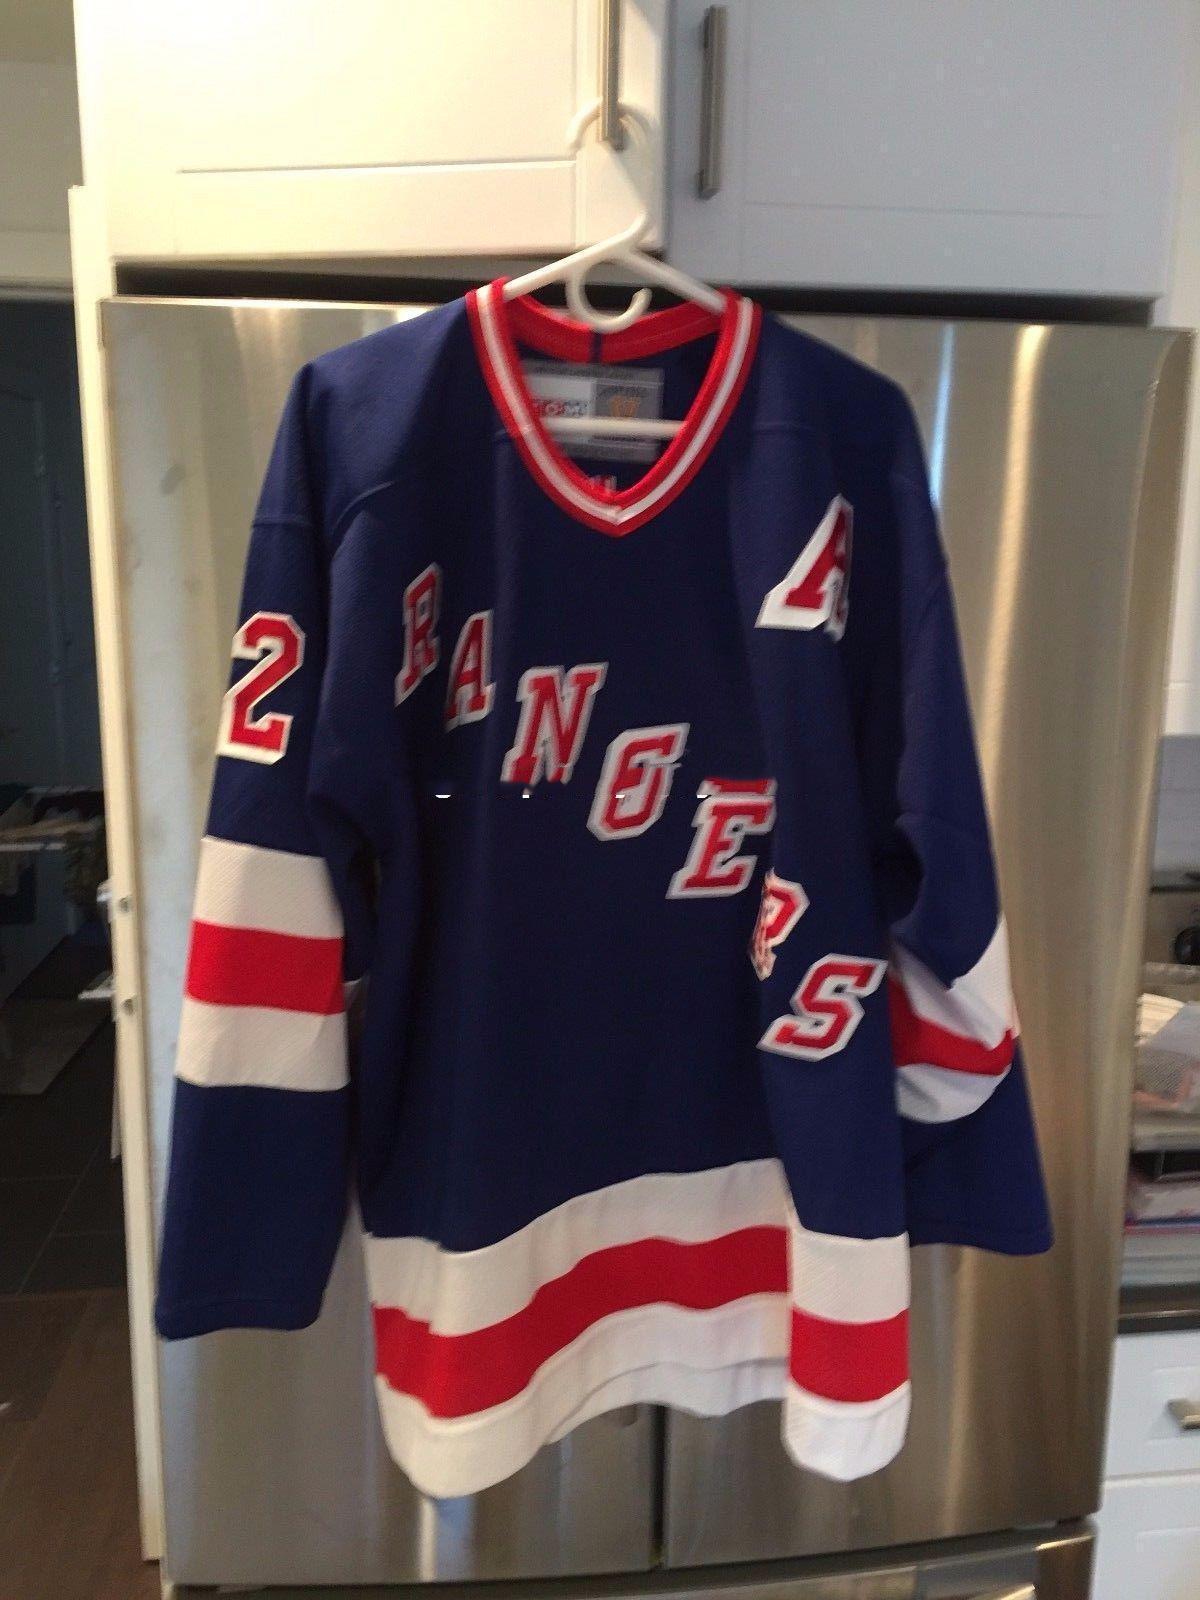 Brian Leetch # 2 New York Rangers CCM epoca hockey jersey su ordinazione poco costoso personalizzato Mens personalizzata cuciture maglie